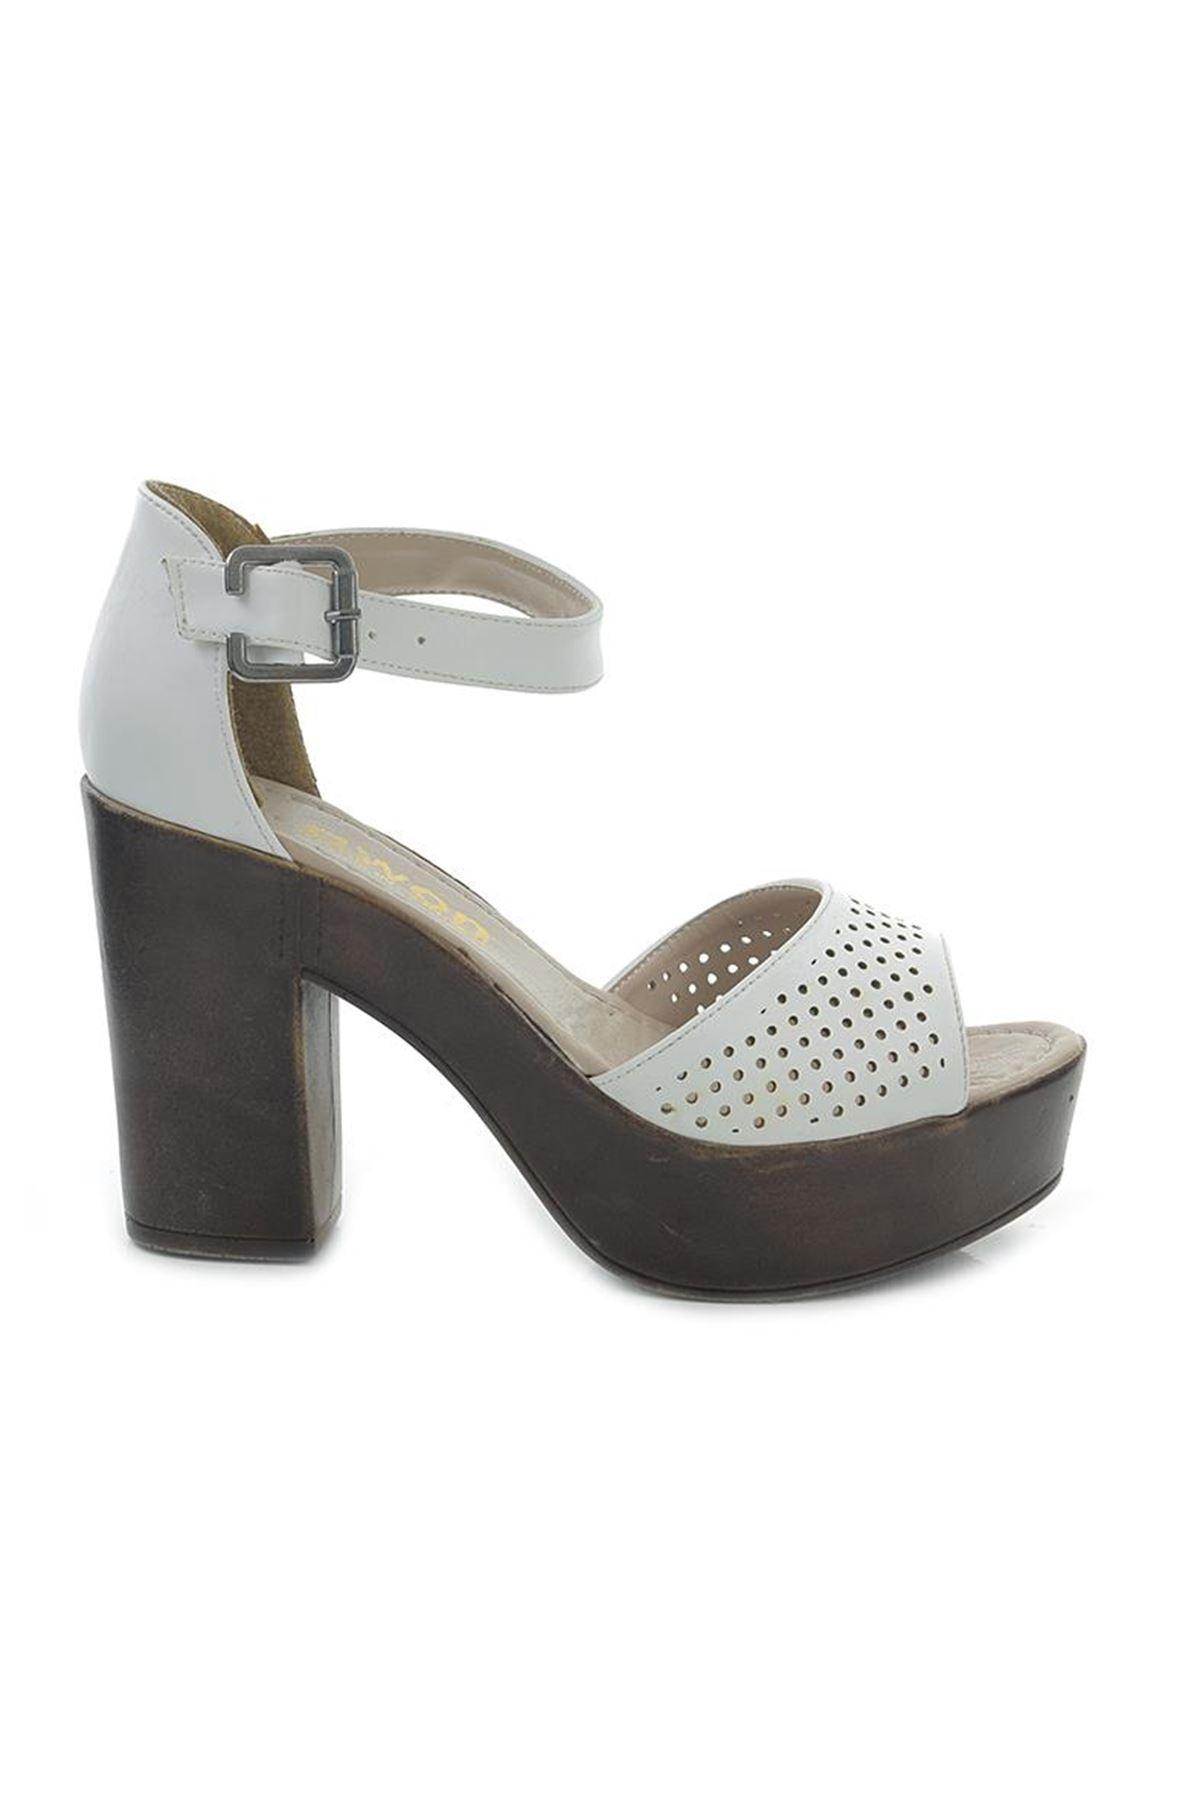 Awon Alyssa Topuklu Günlük Kadın Sandalet